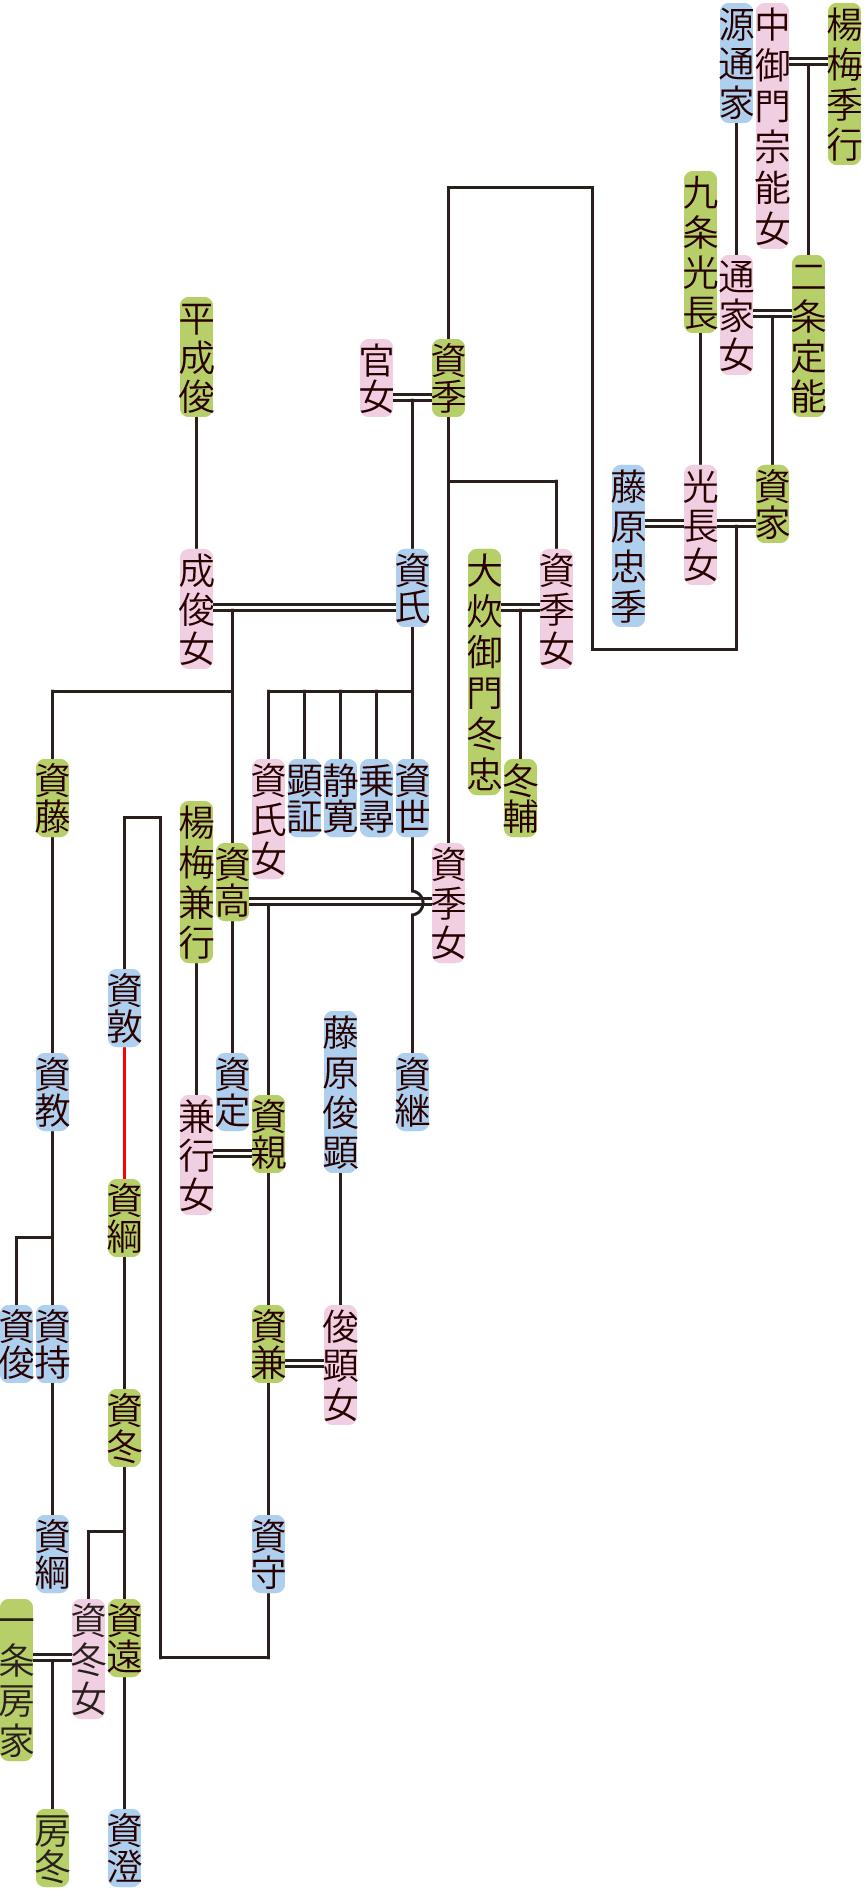 二条資家の系図